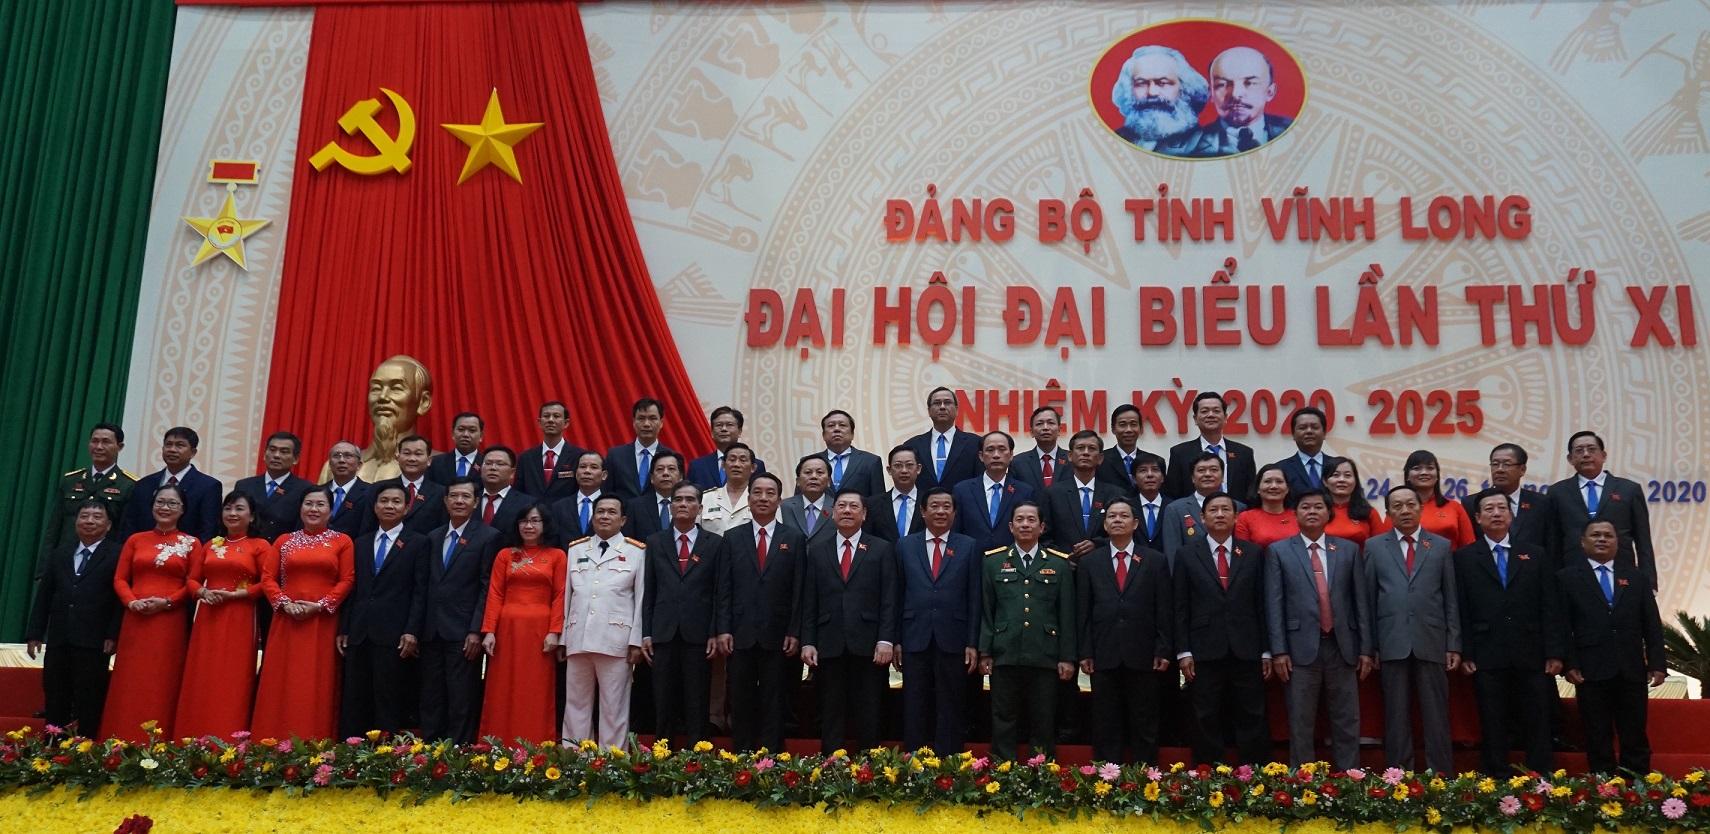 Ban Chấp hành Đảng bộ tỉnh Vĩnh Long nhiệm kỳ 2020 – 2025 ra mắt Đại hội